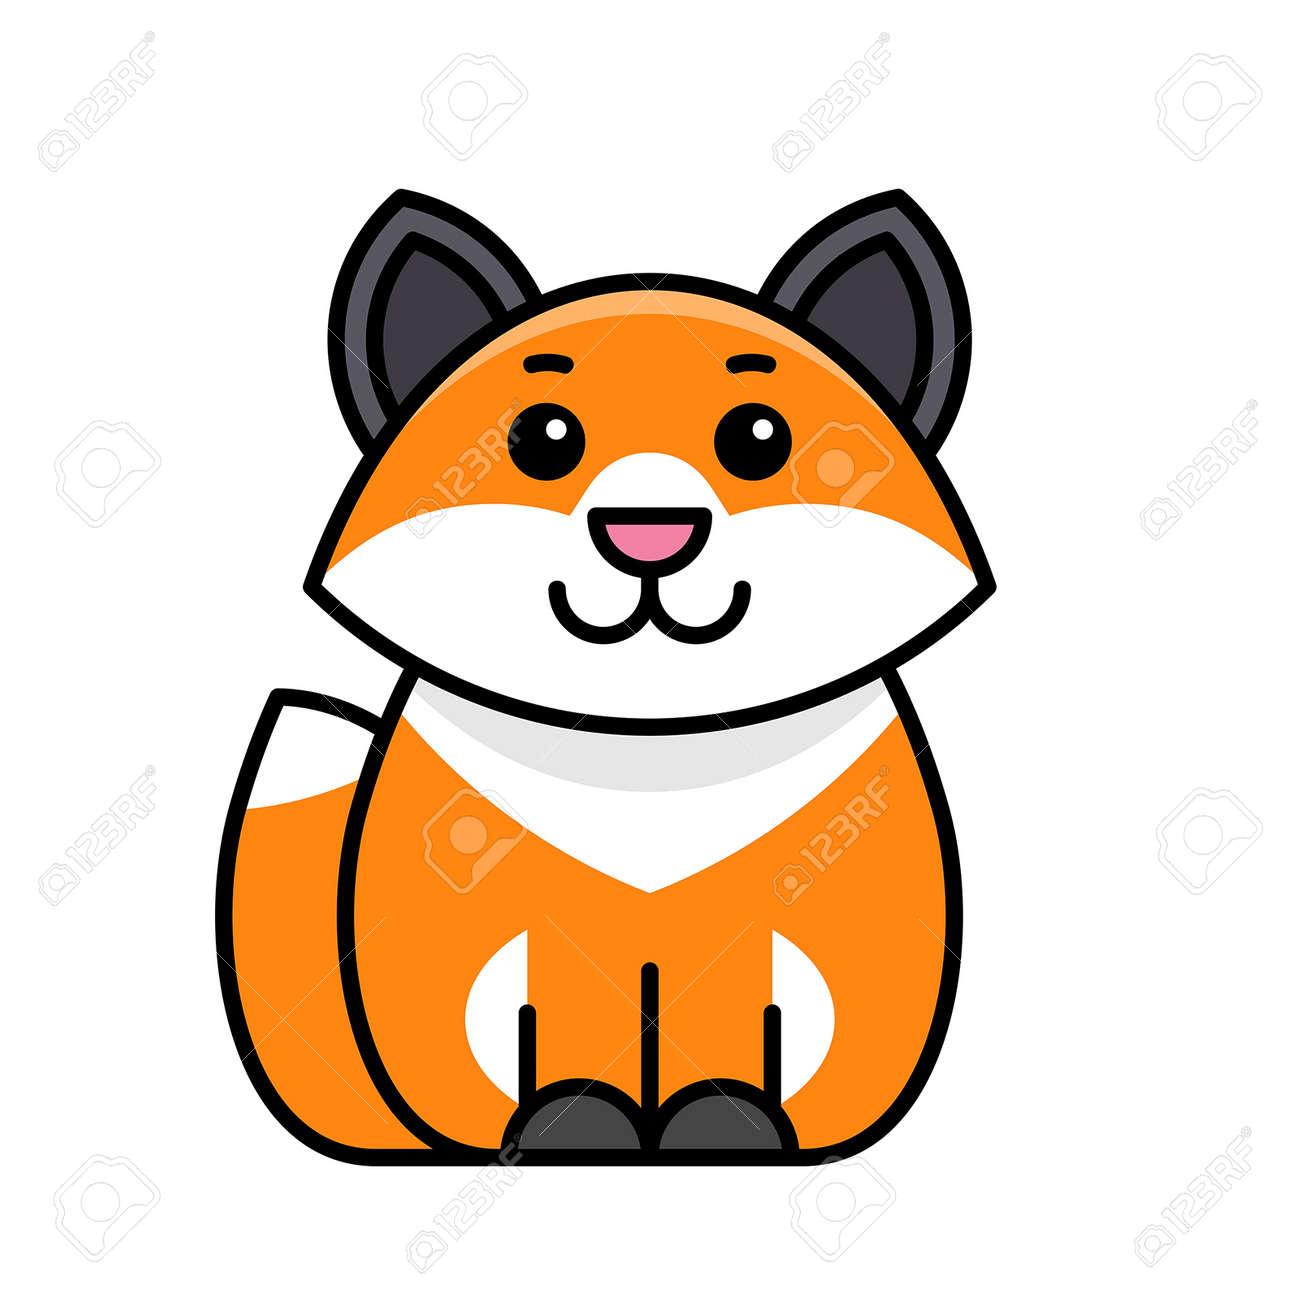 Fox icon. Icon design. Template elements - 171231696